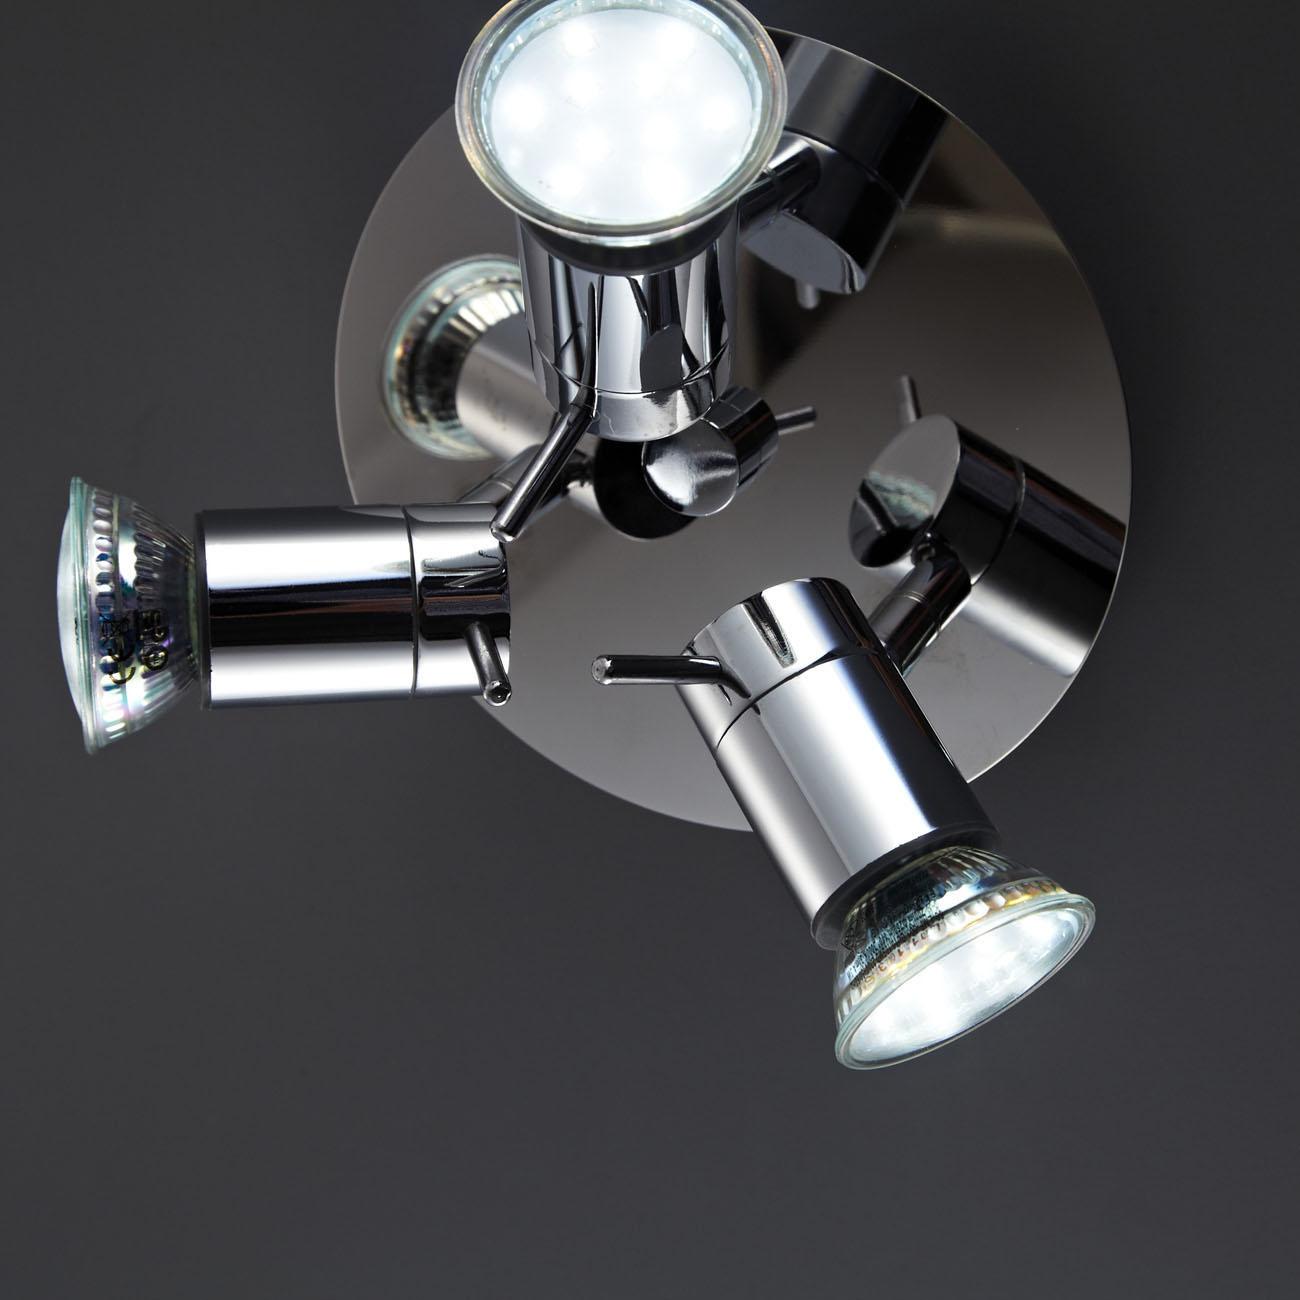 LED Deckenleuchte Badleuchte 3-flammig IPP44 glänzend - 4